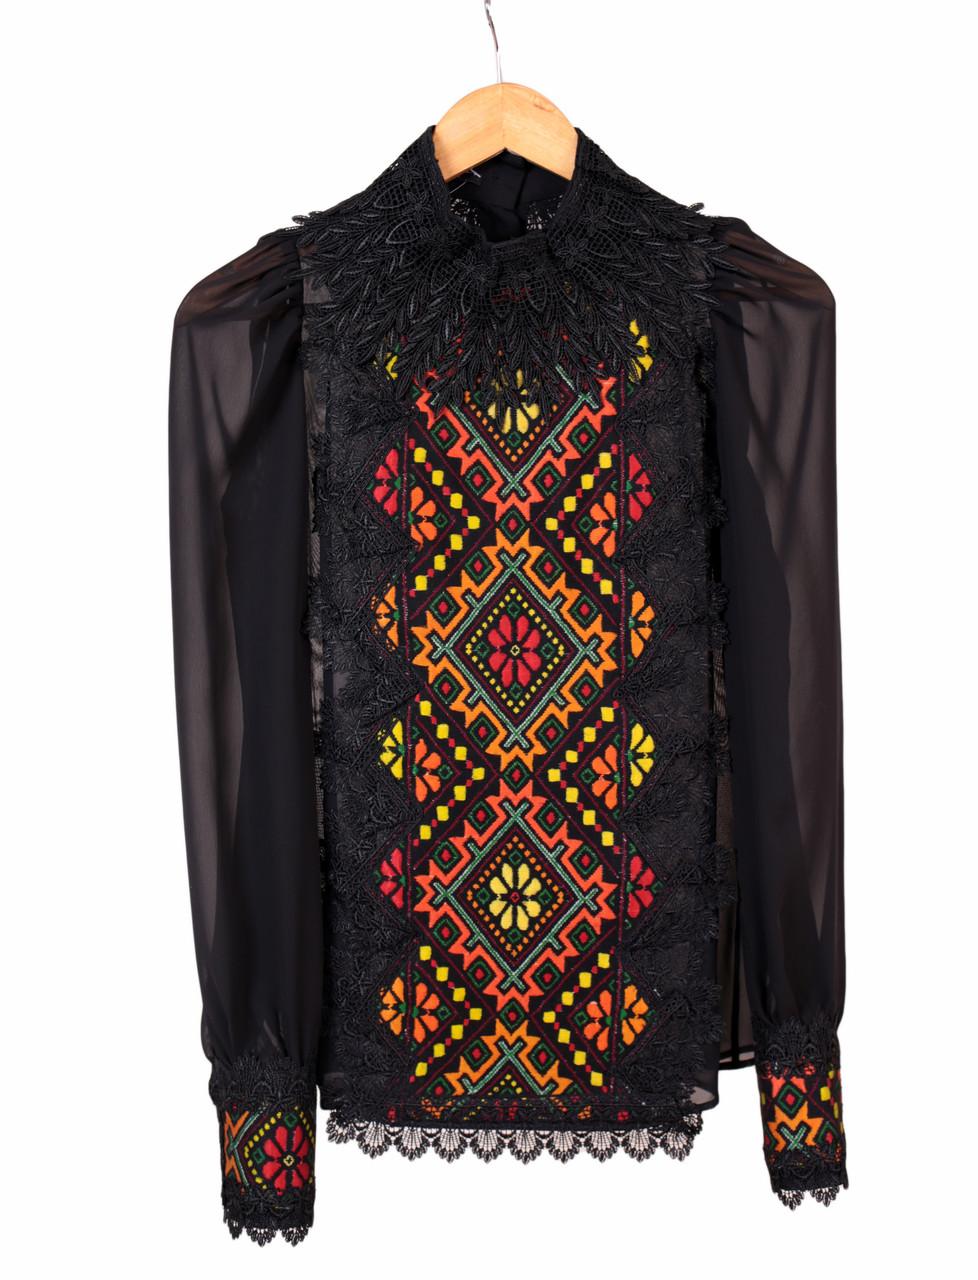 Жіноча дизайнерська блузка чорного кольору на шифоні з етнічним орнаментом